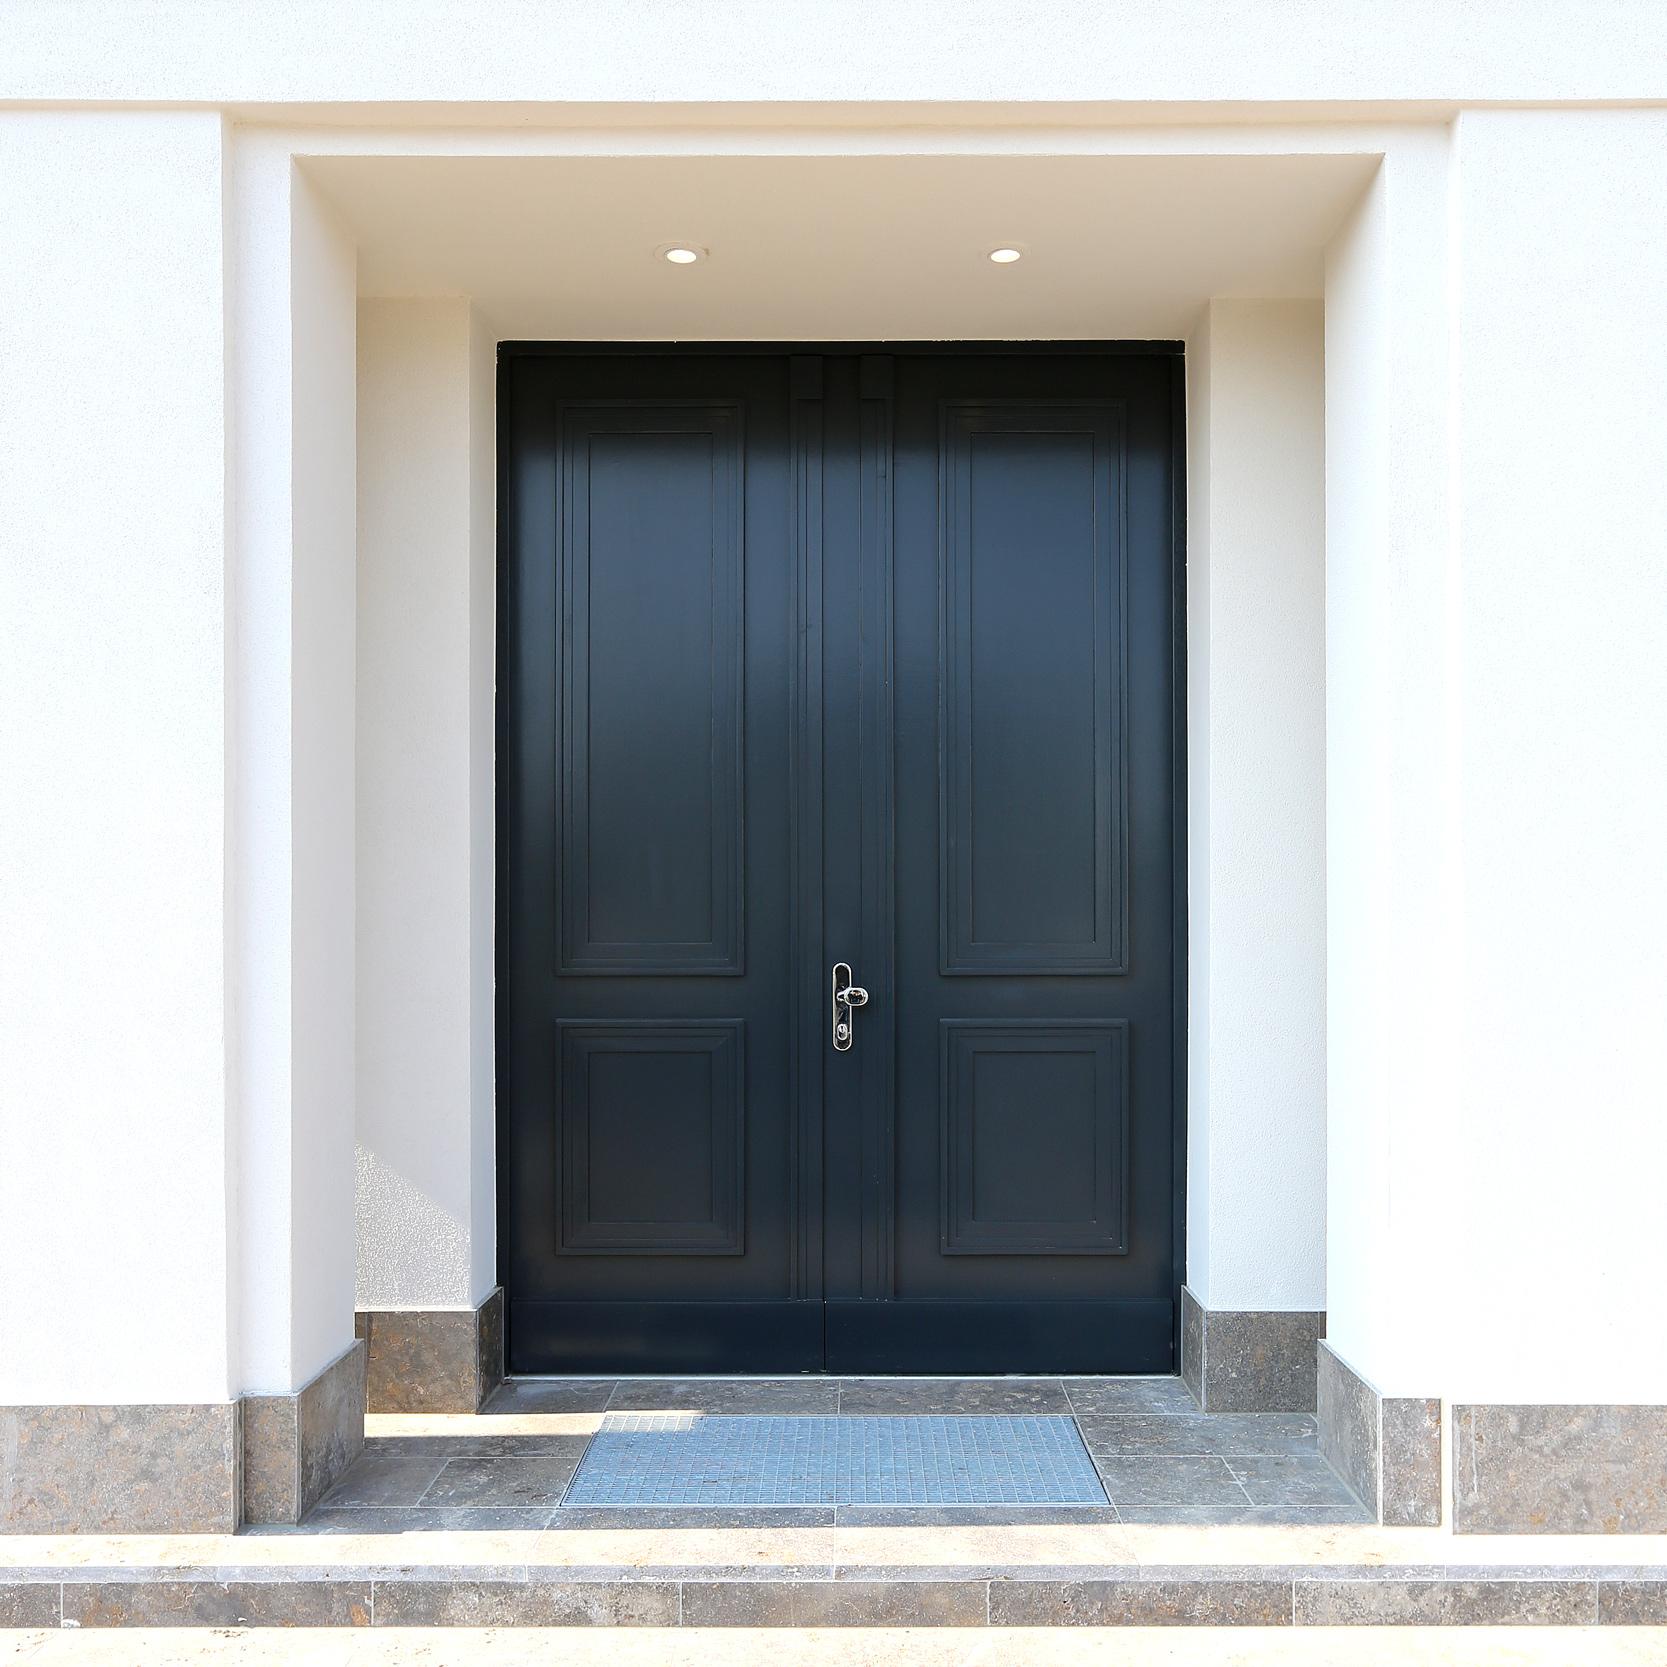 Handgefertigte Eingangstür mit Kassetten - Neubau einer Villa im Klassik-Stil